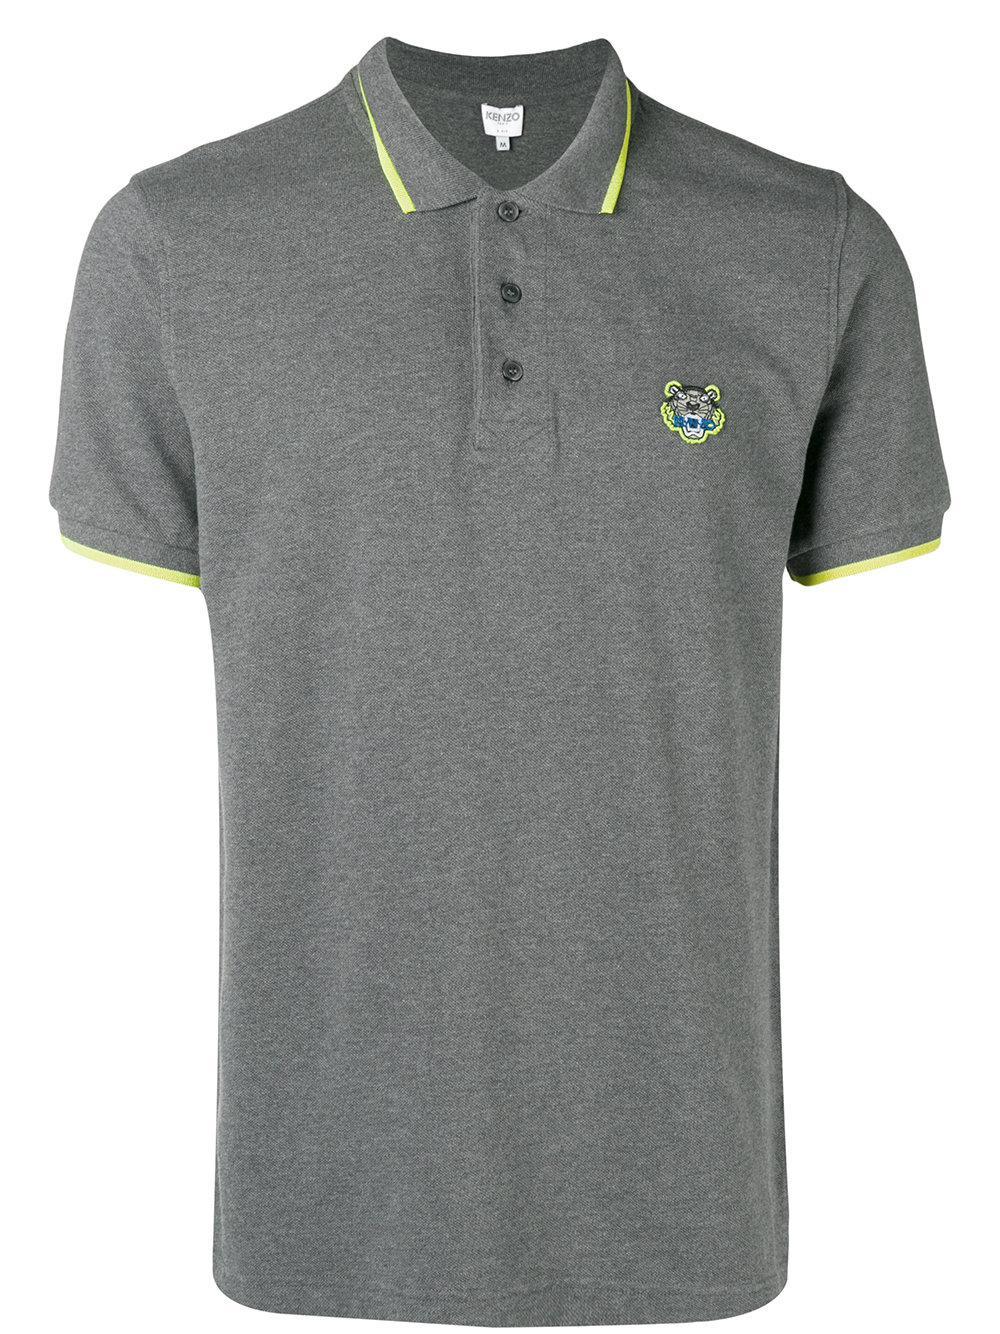 e9fd0555 Kenzo Tiger Print Cotton Polo in Gray for Men - Lyst